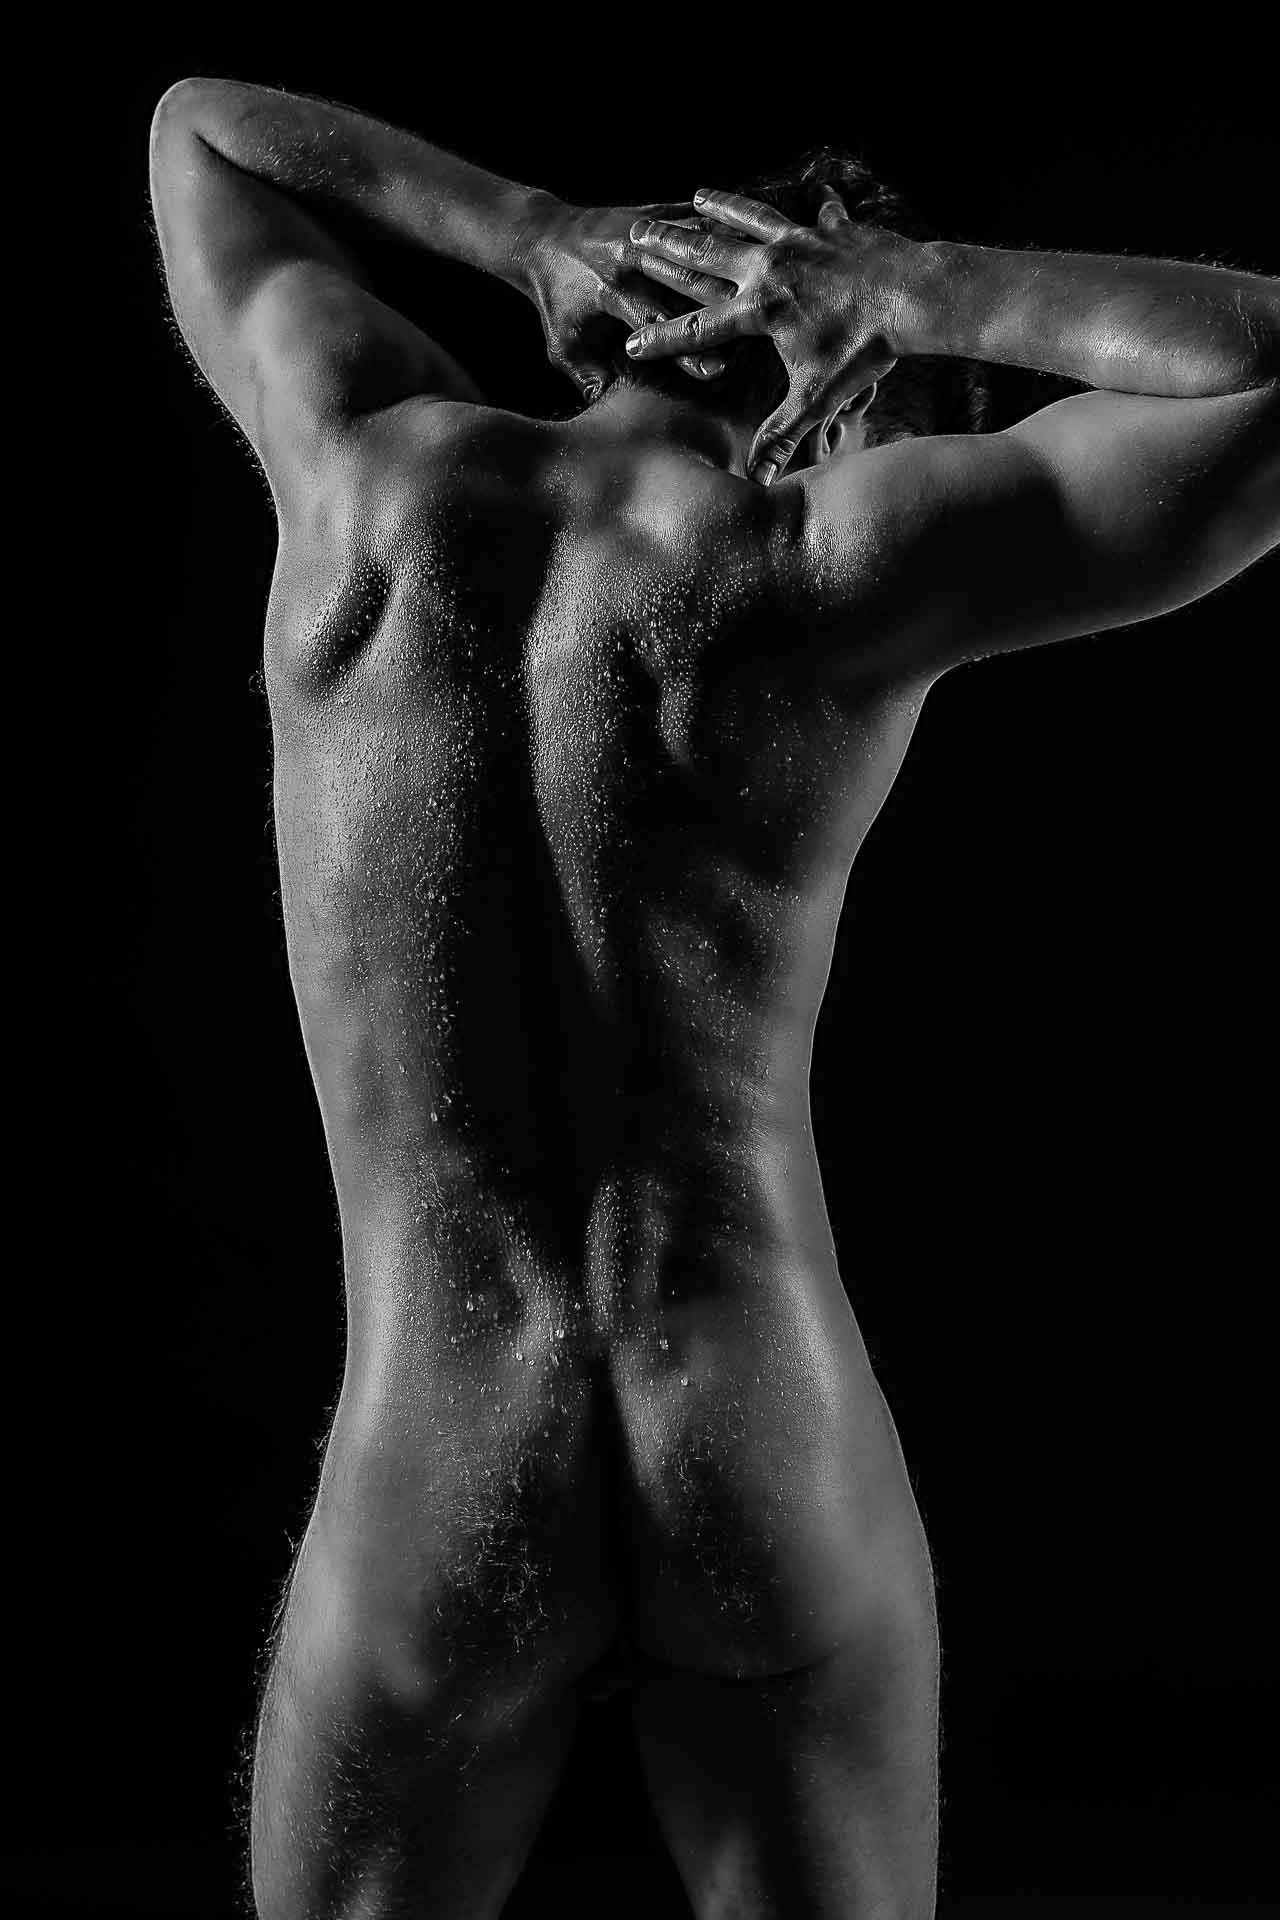 Männerpo-nackte Haut-Aktshooting-Wassertropfen